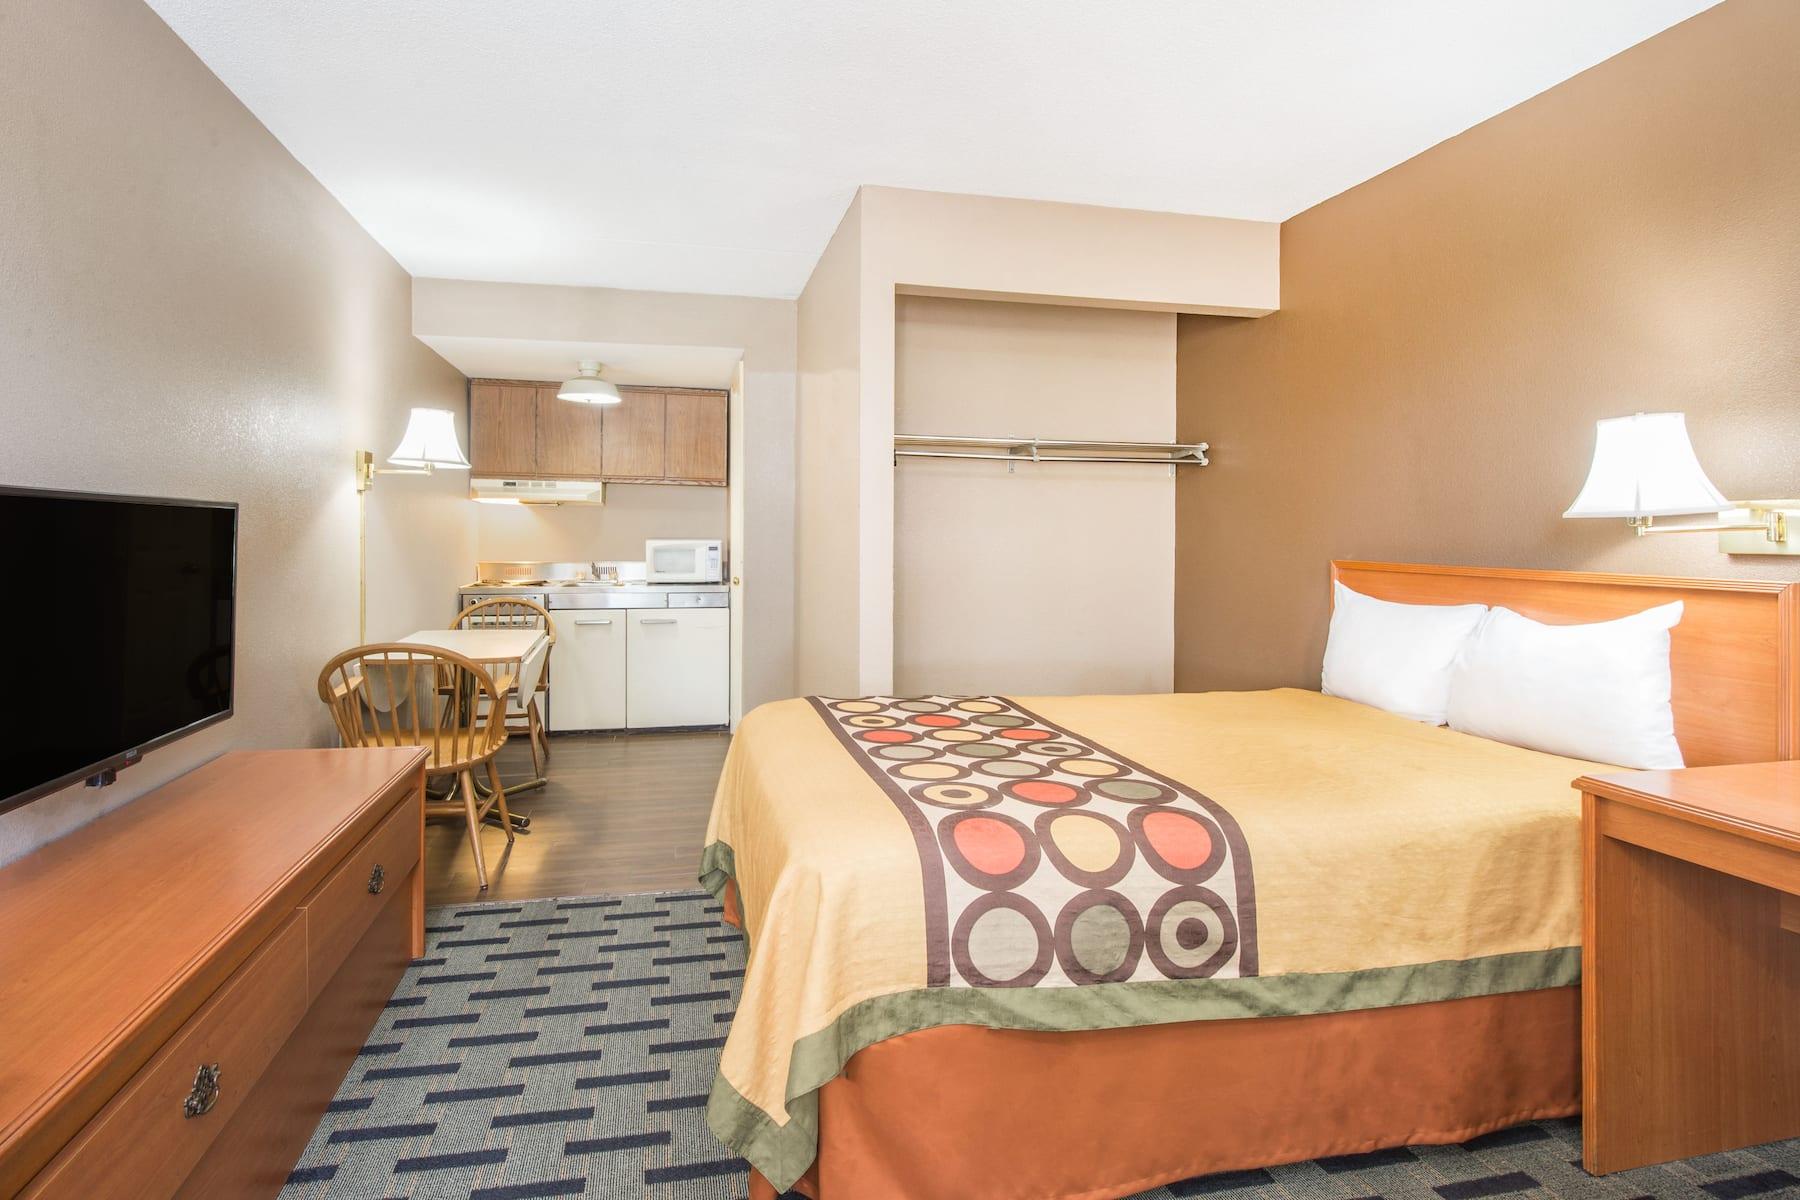 Super 8 By Wyndham Marysville Marysville Oh Hotels